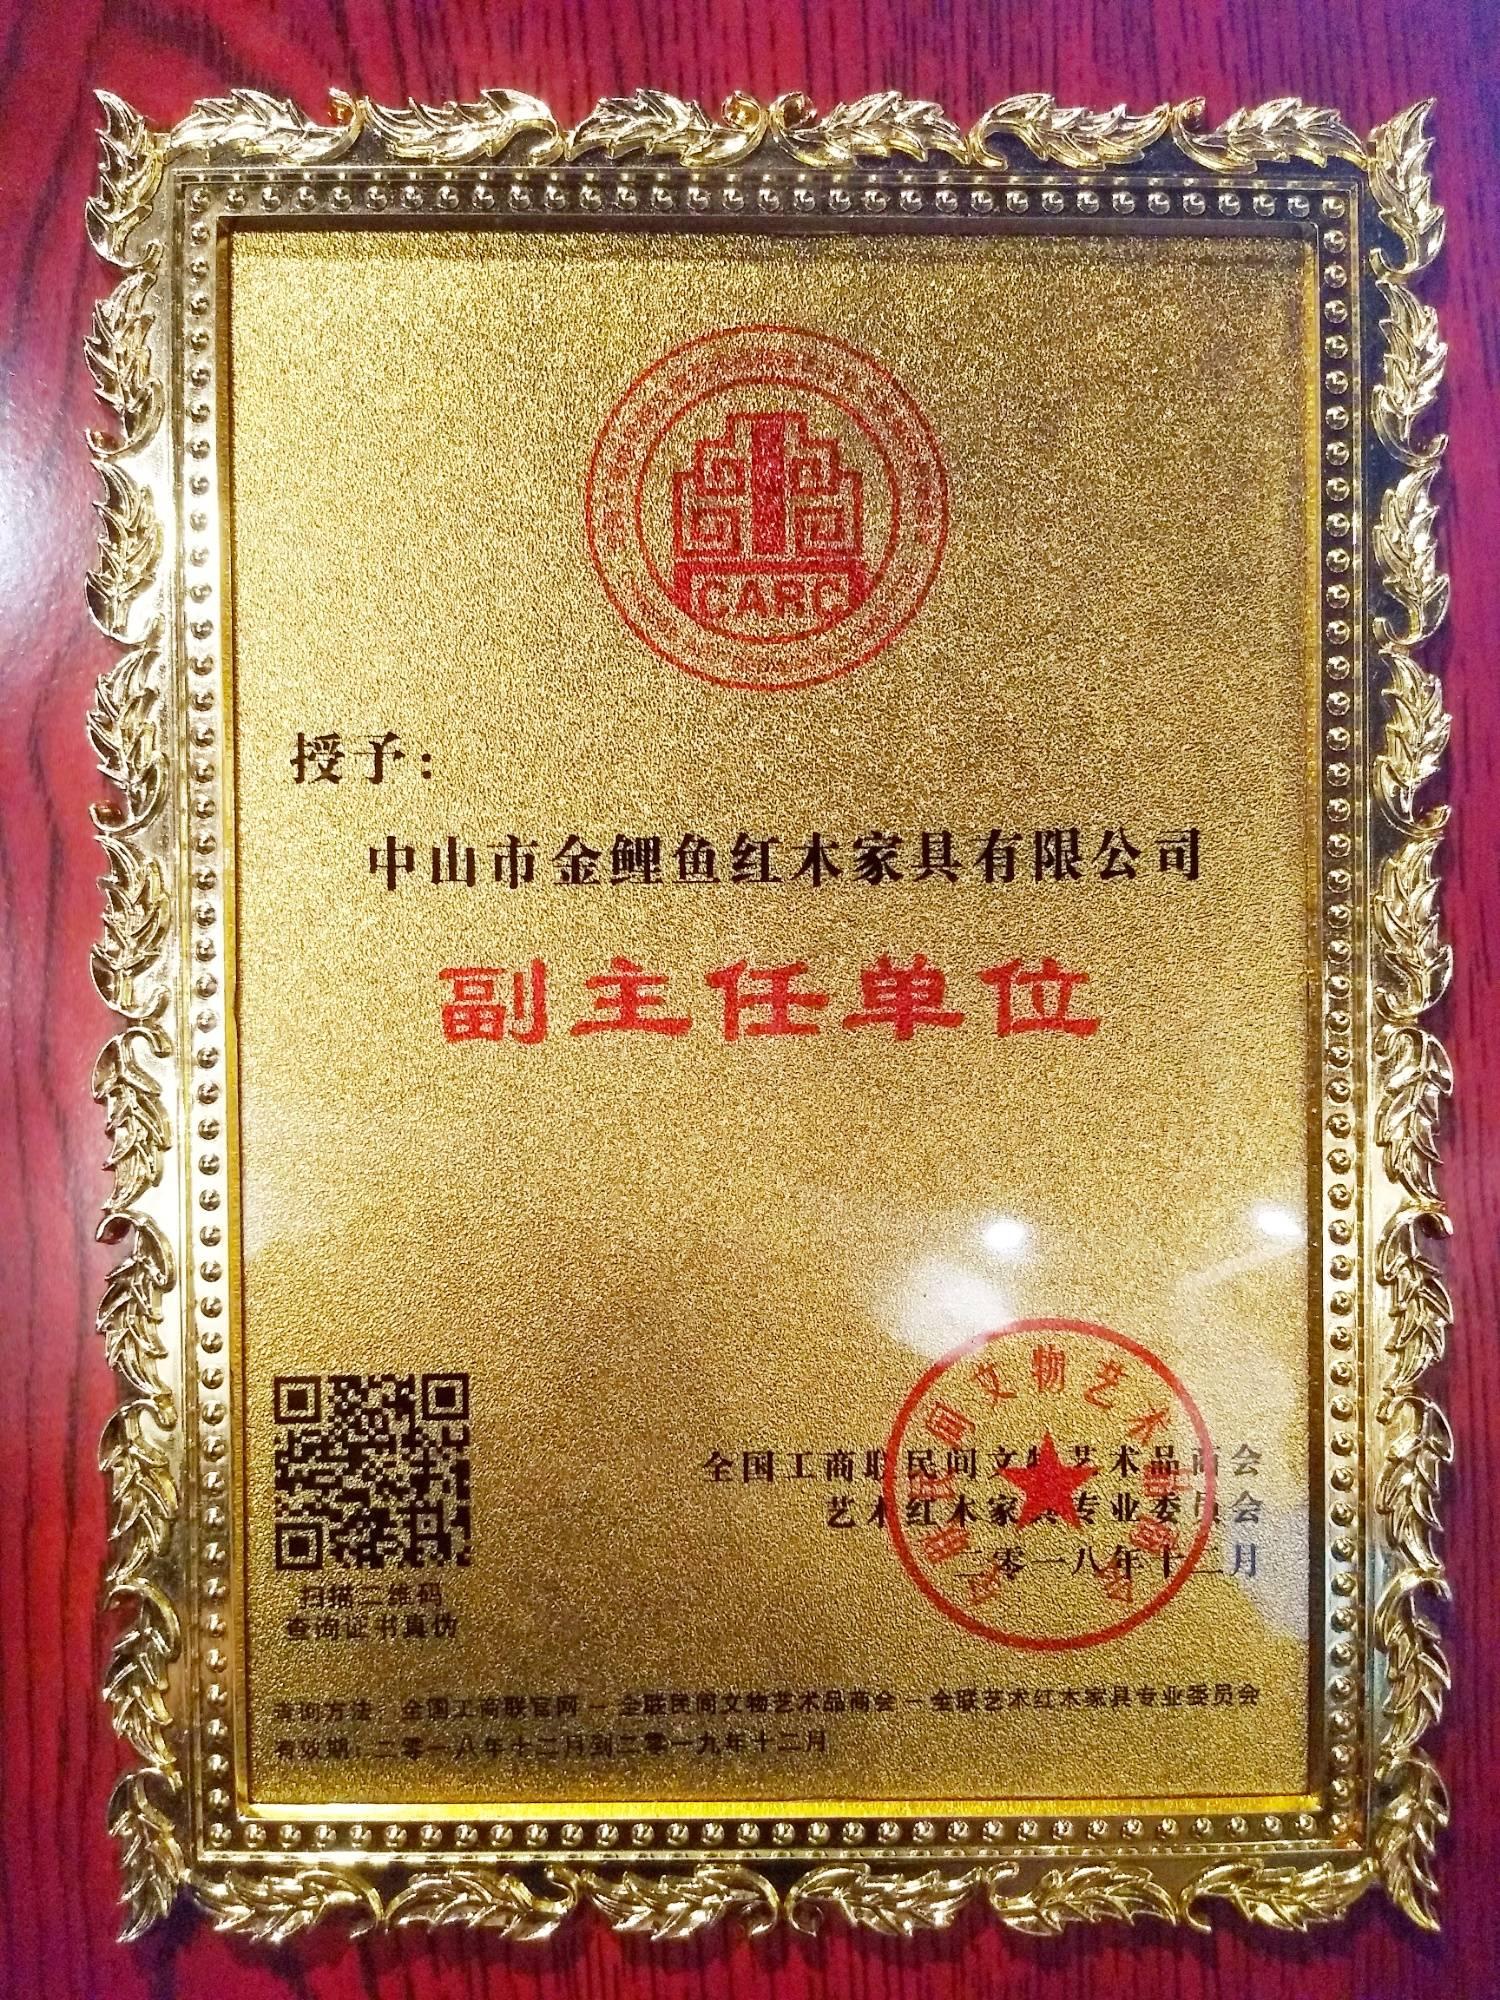 金鲤鱼荣获全国艺术红木家具专业委员会副主任单位